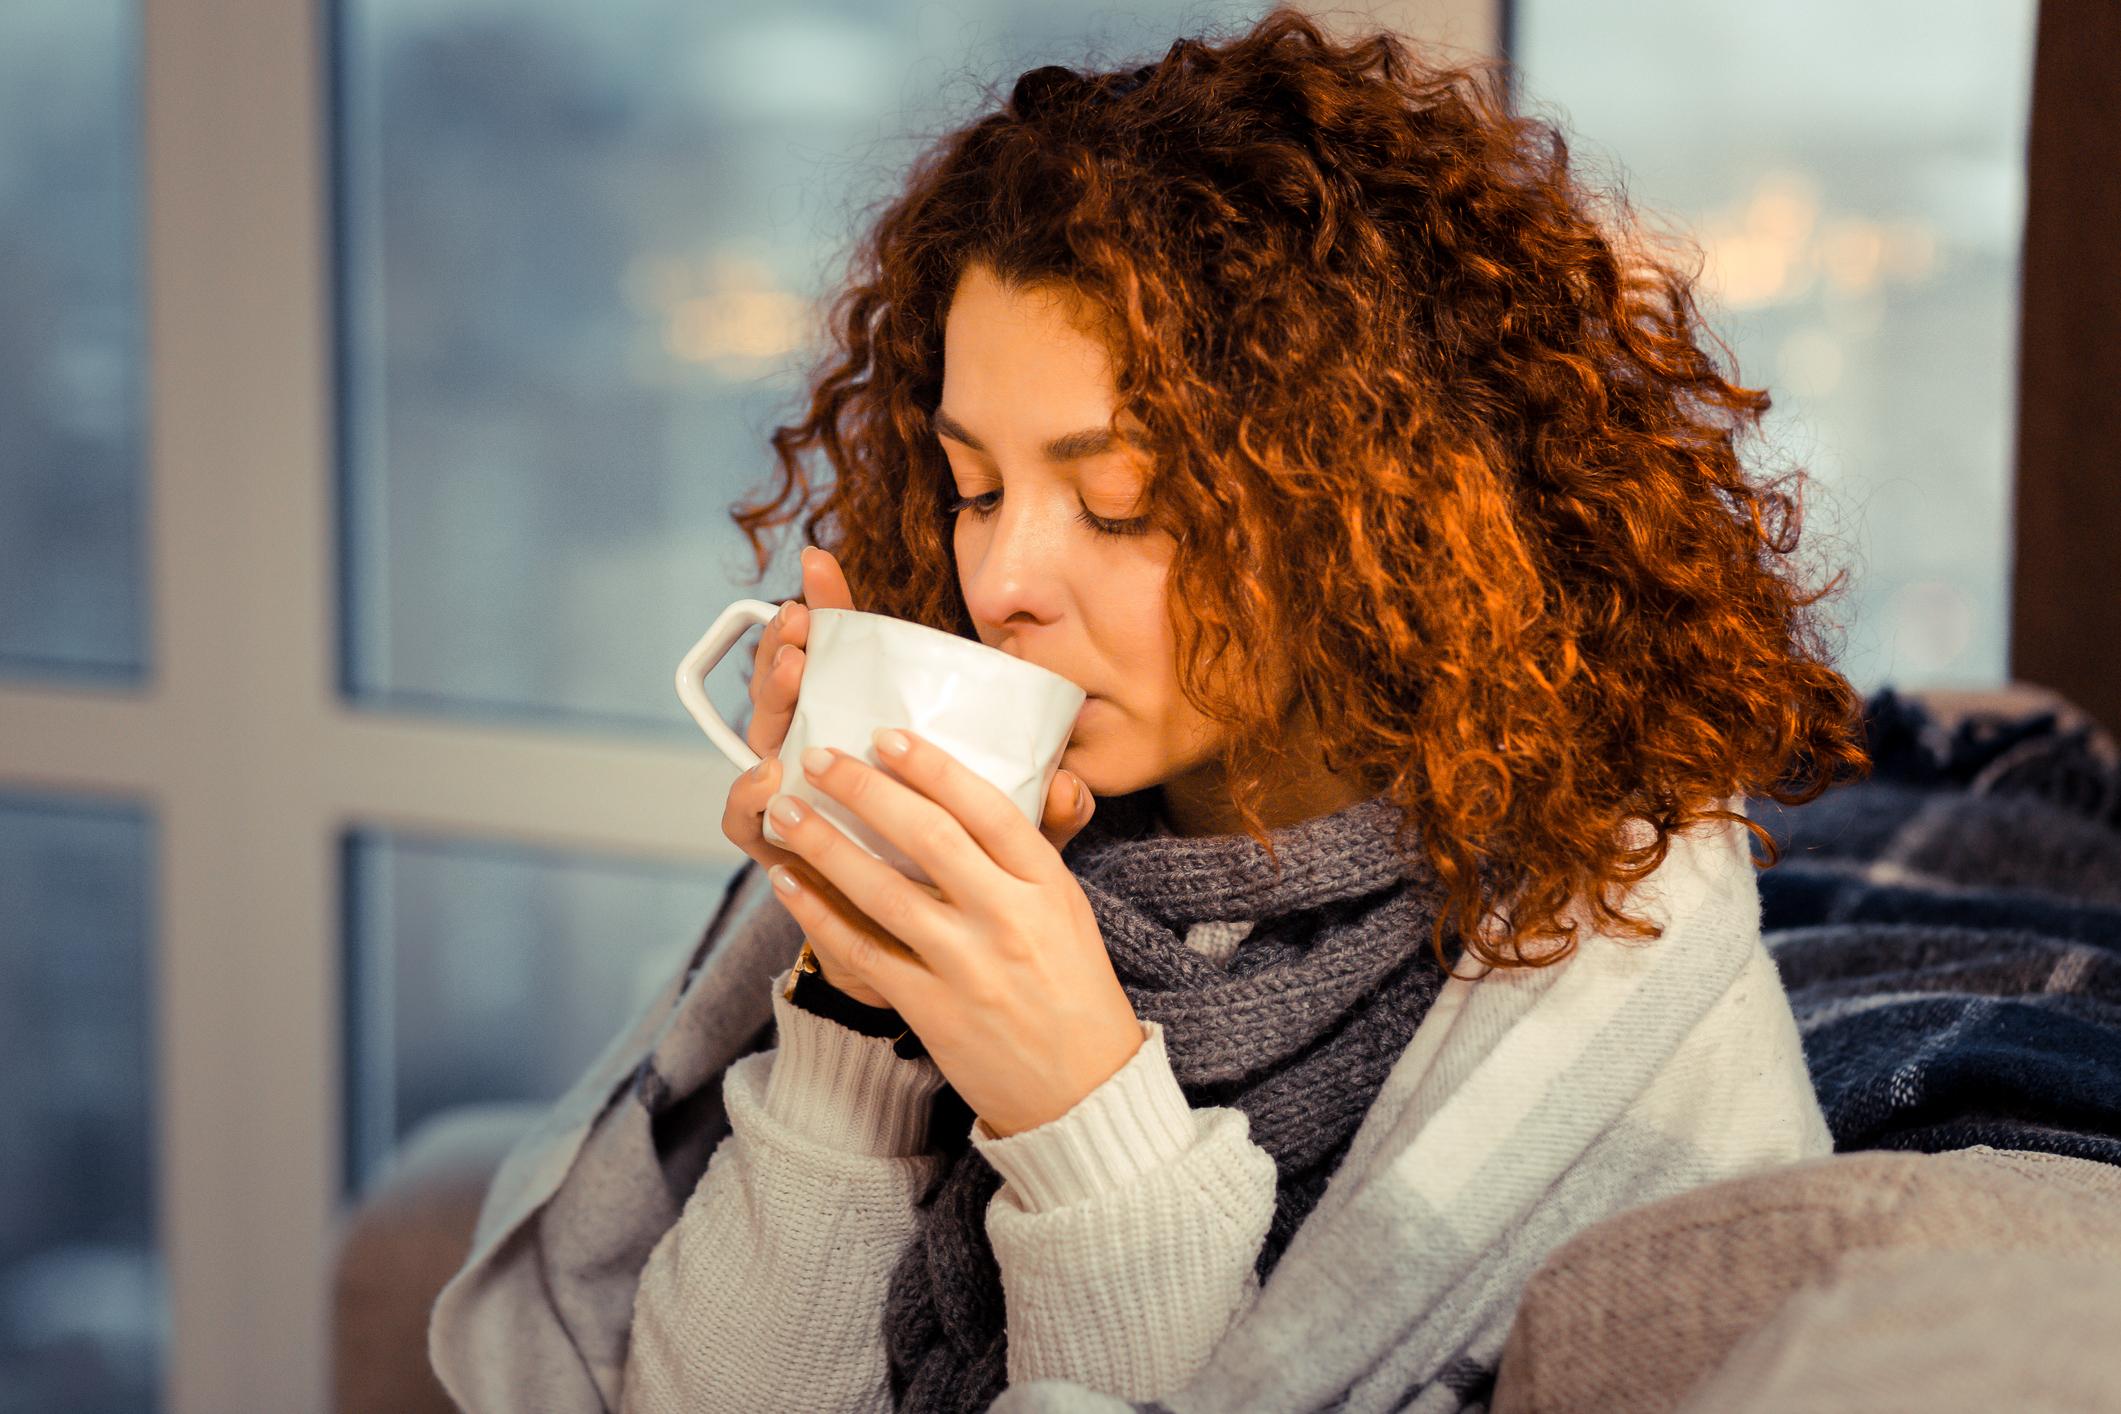 Як швидко вилікувати застуду і повернутися до нормального життя